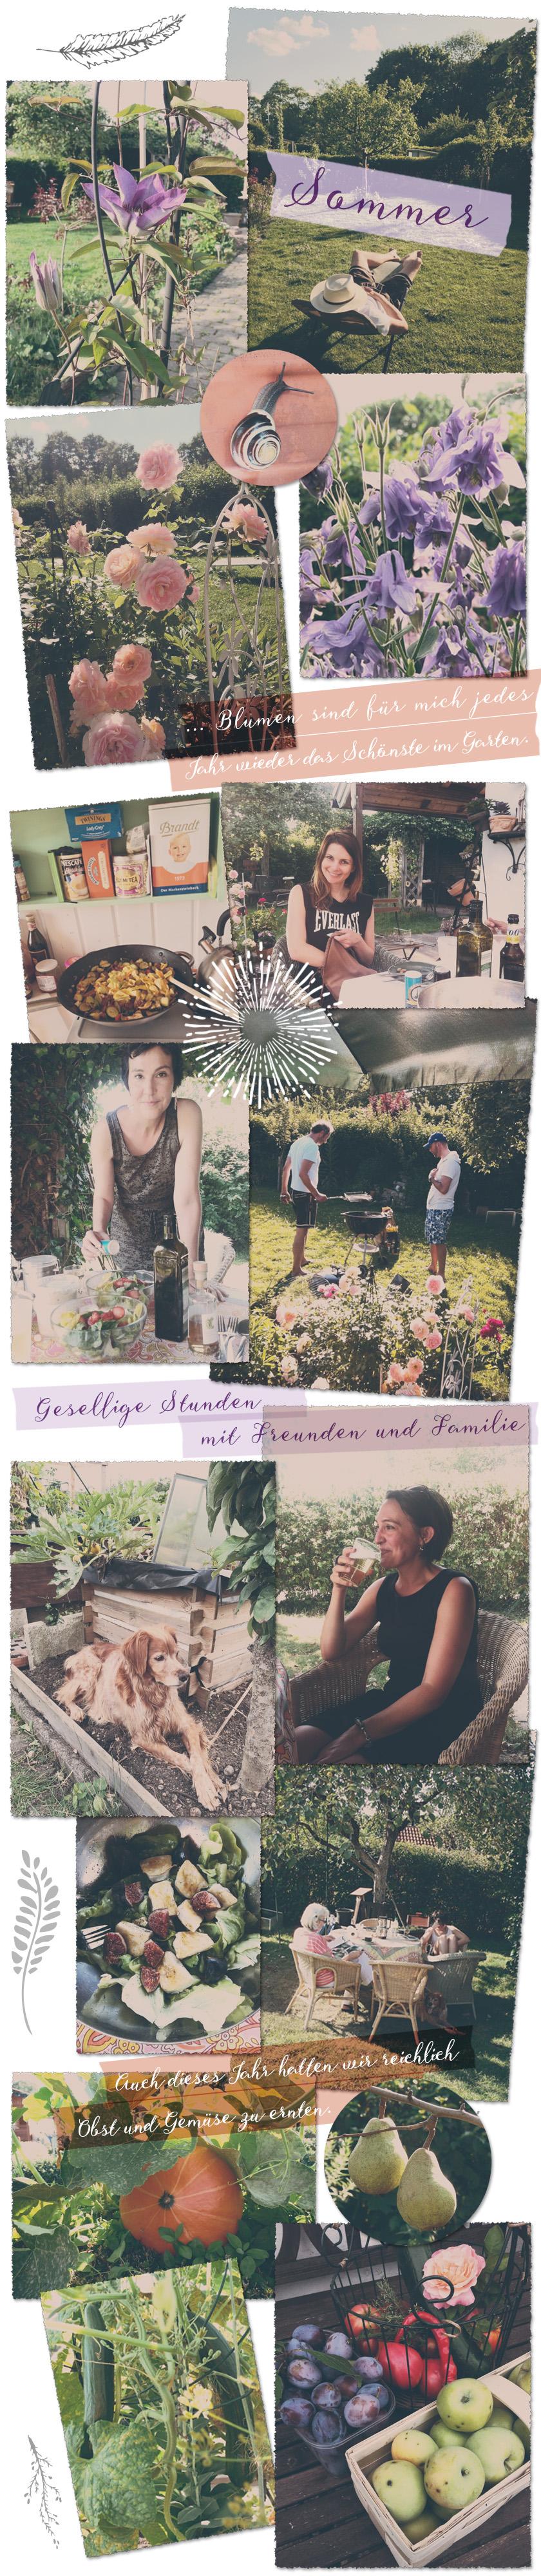 Gartentagebuch_Sommer 2015